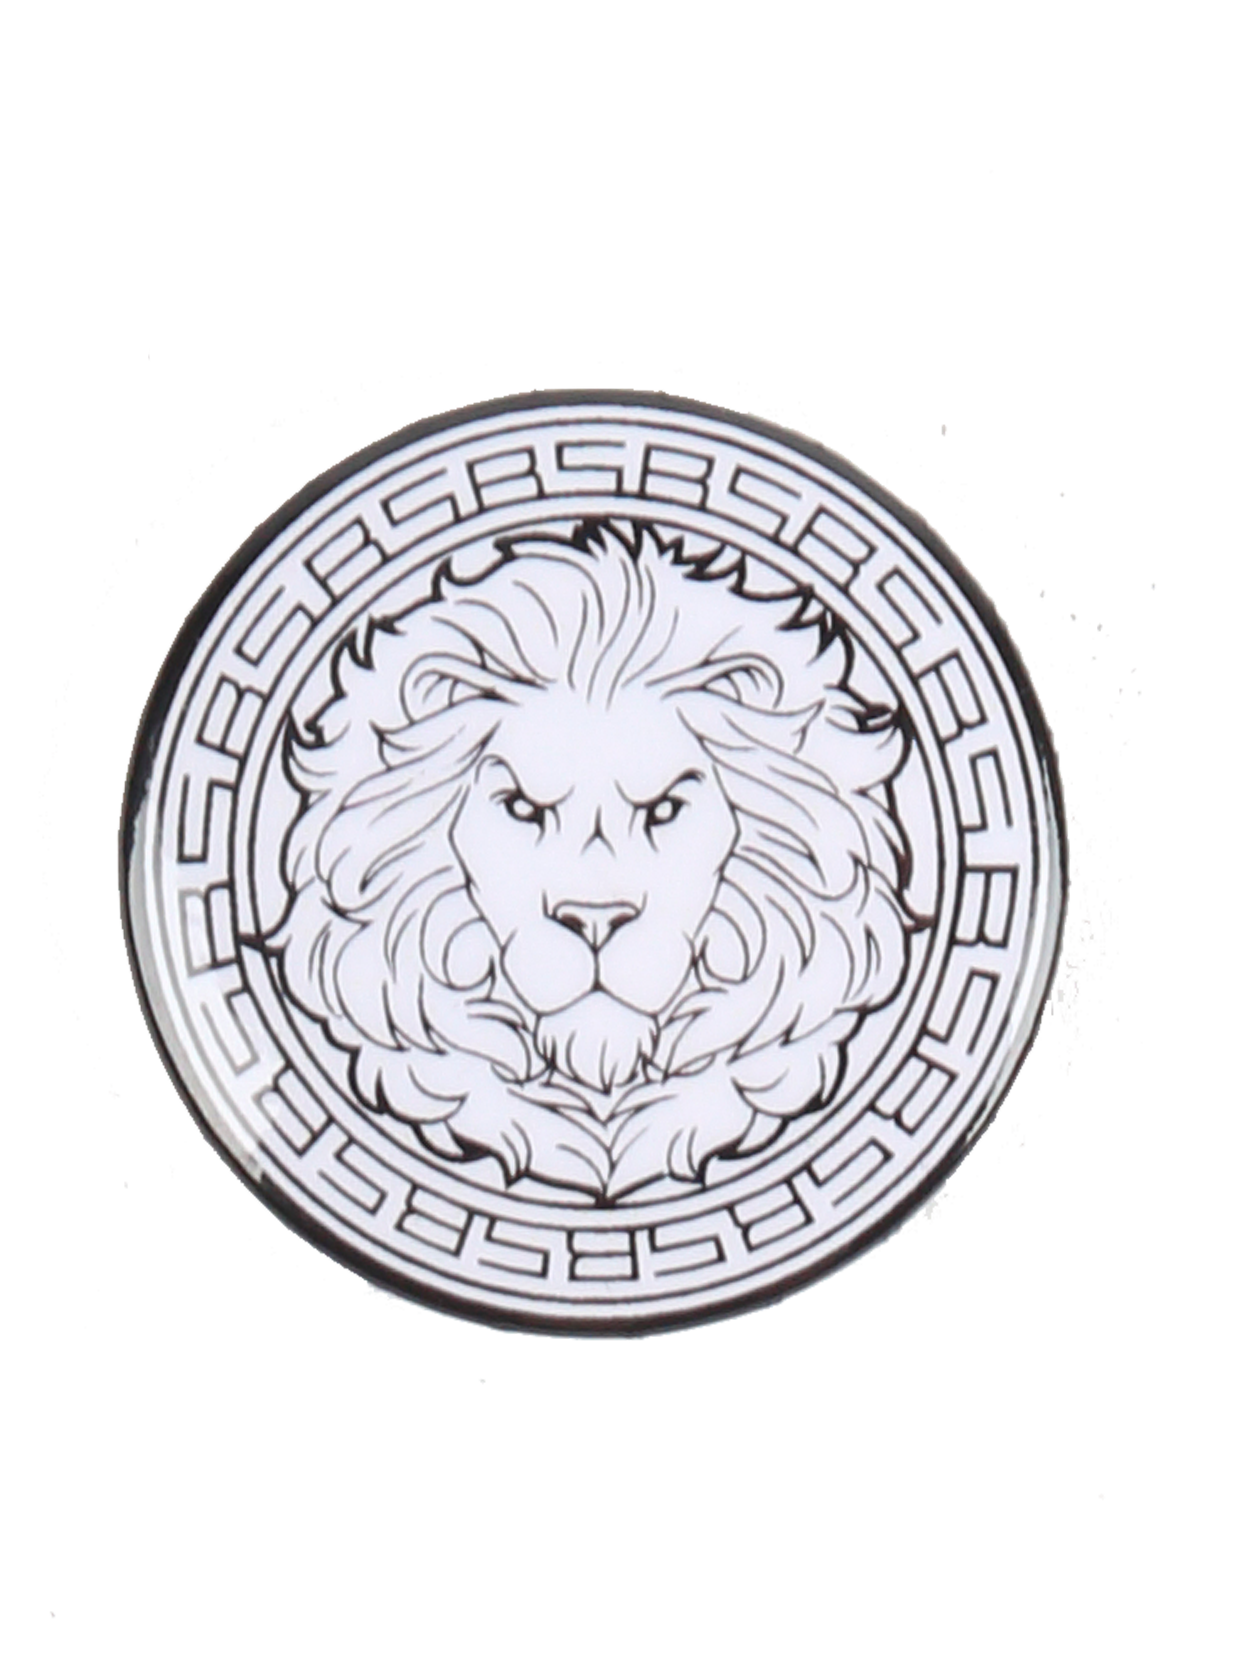 Значок LION. Производитель: Black Star Wear, артикул: 12138